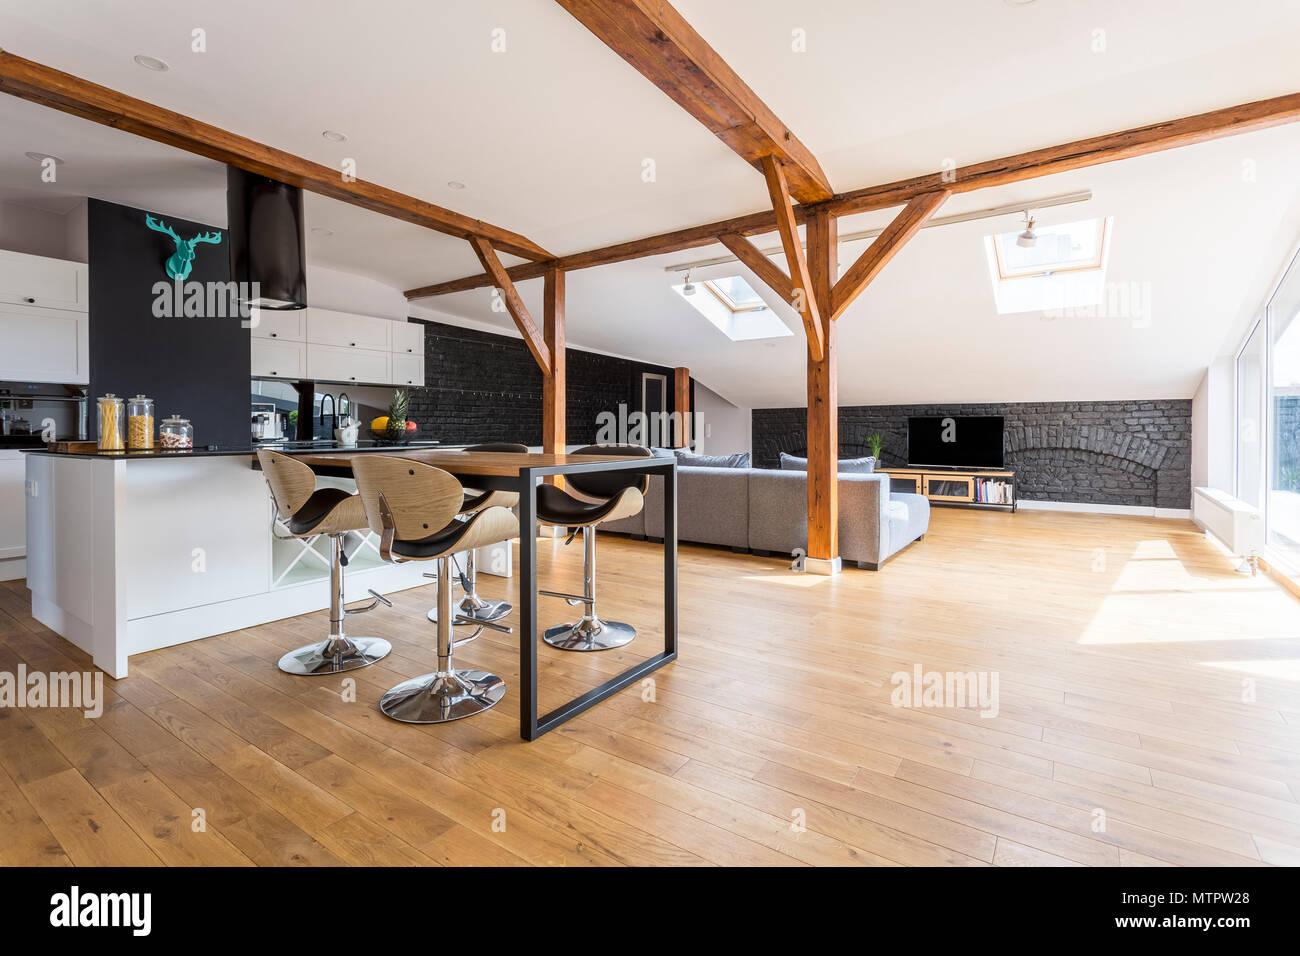 Stanza stretta e lunga con mobili della cucina lineare e tavolo